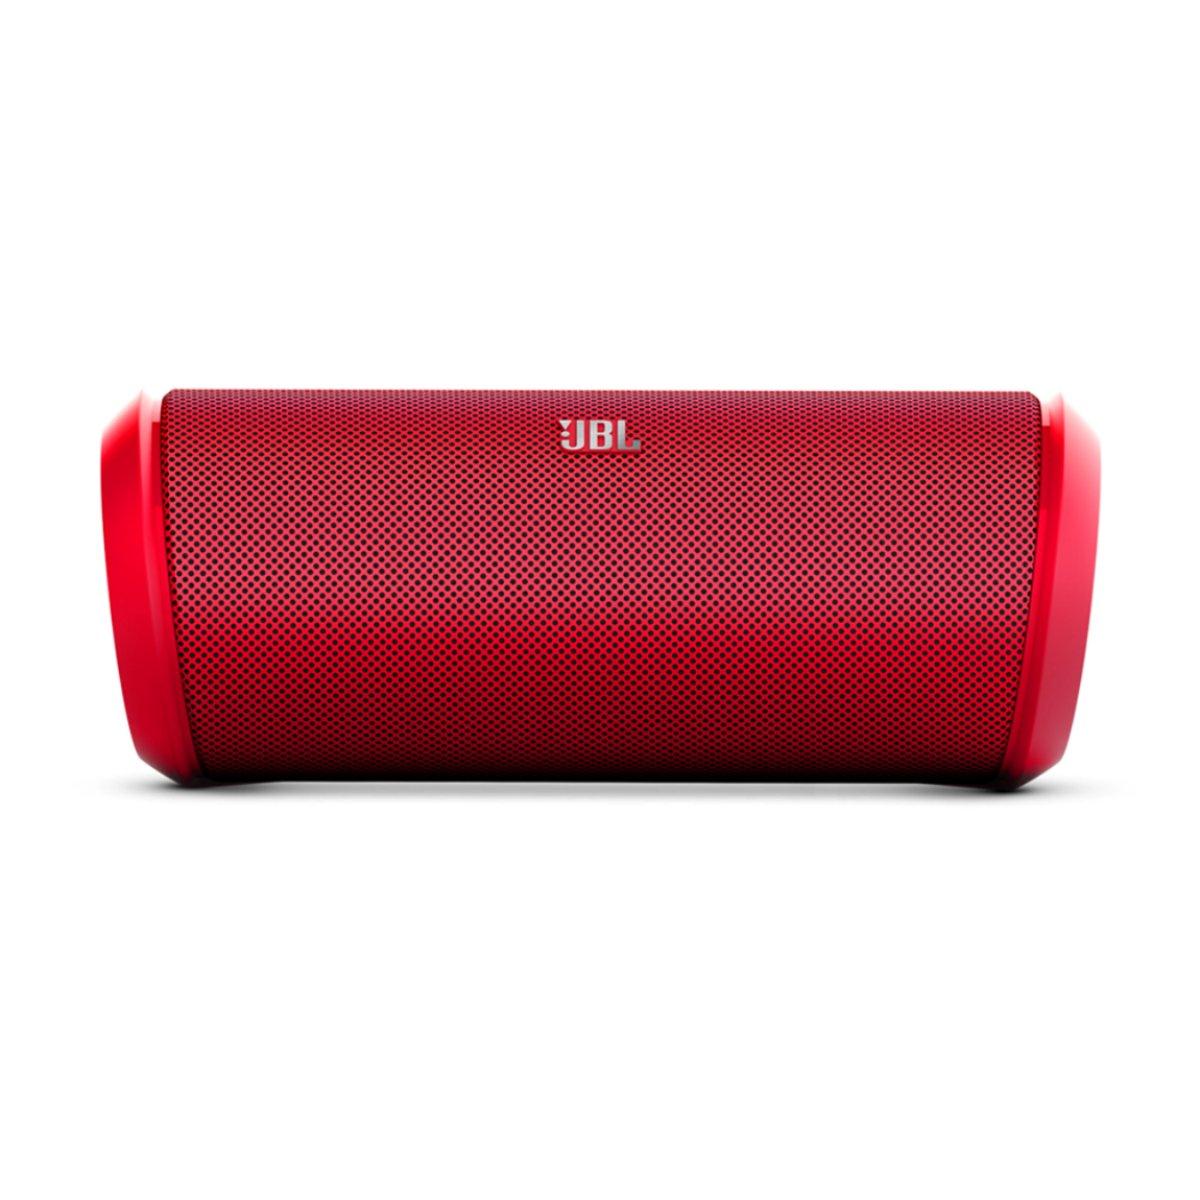 jbl flip ii red speakers. Black Bedroom Furniture Sets. Home Design Ideas